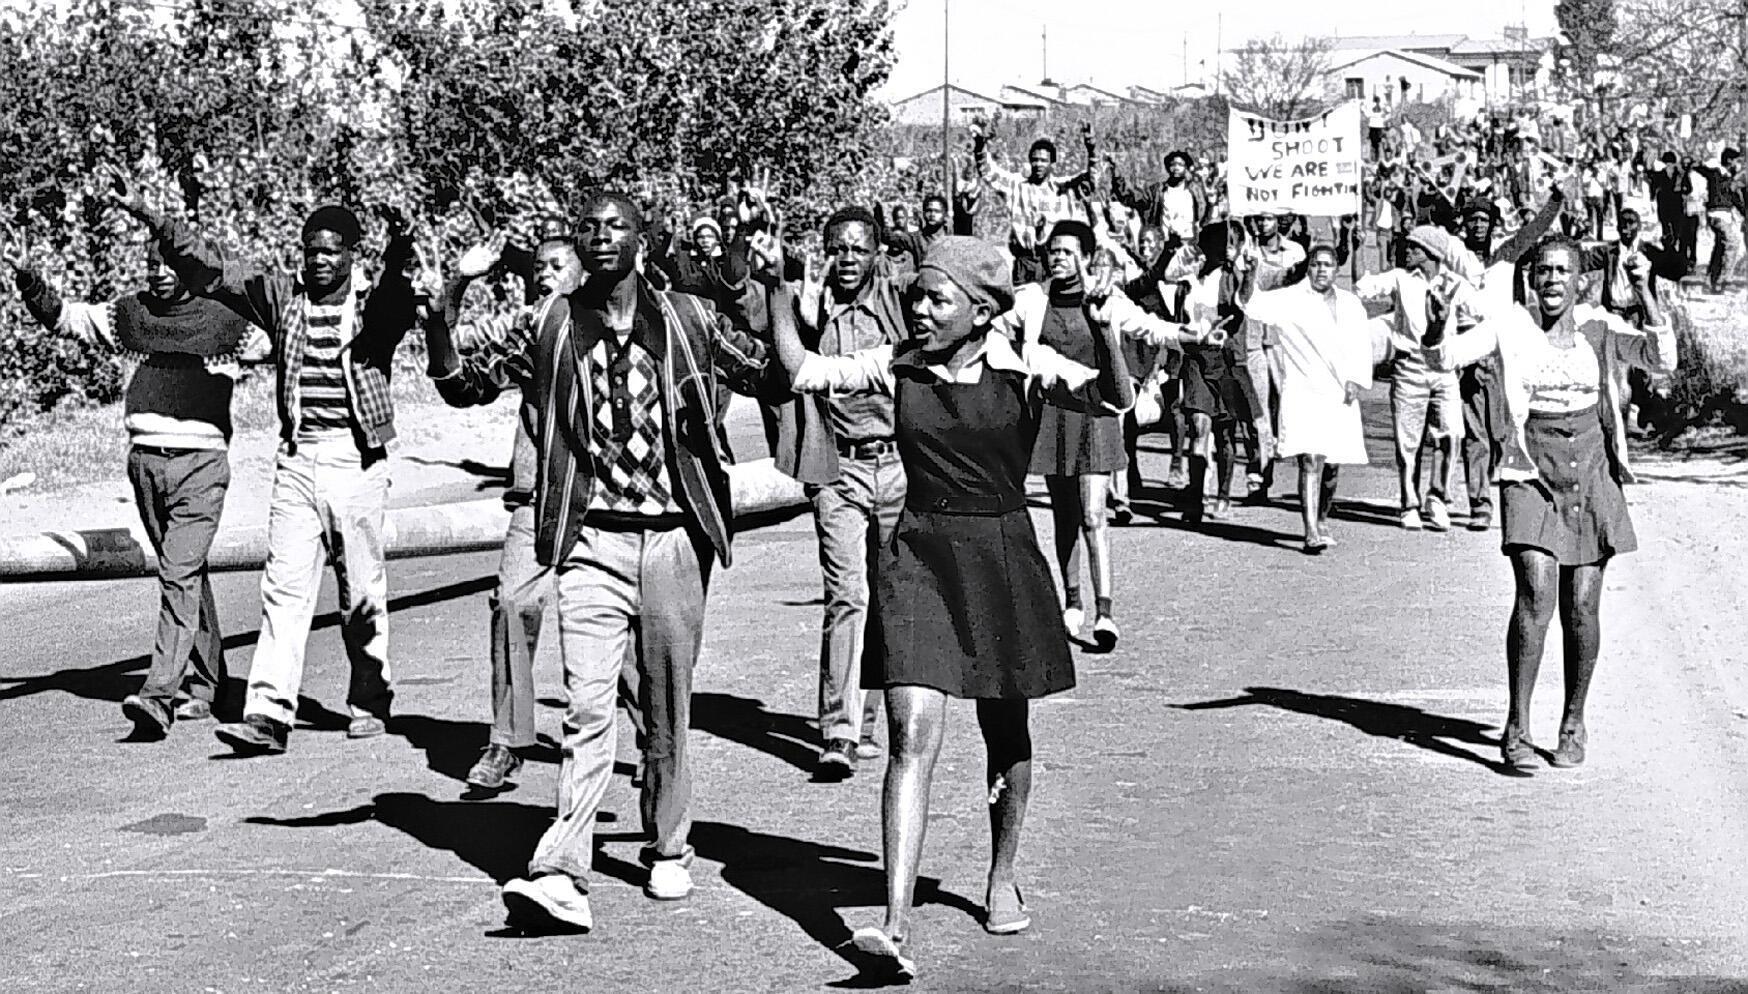 Emeutes de Soweto le 16 juin 1976, garçons et filles, les collégiens sont dans la rue.